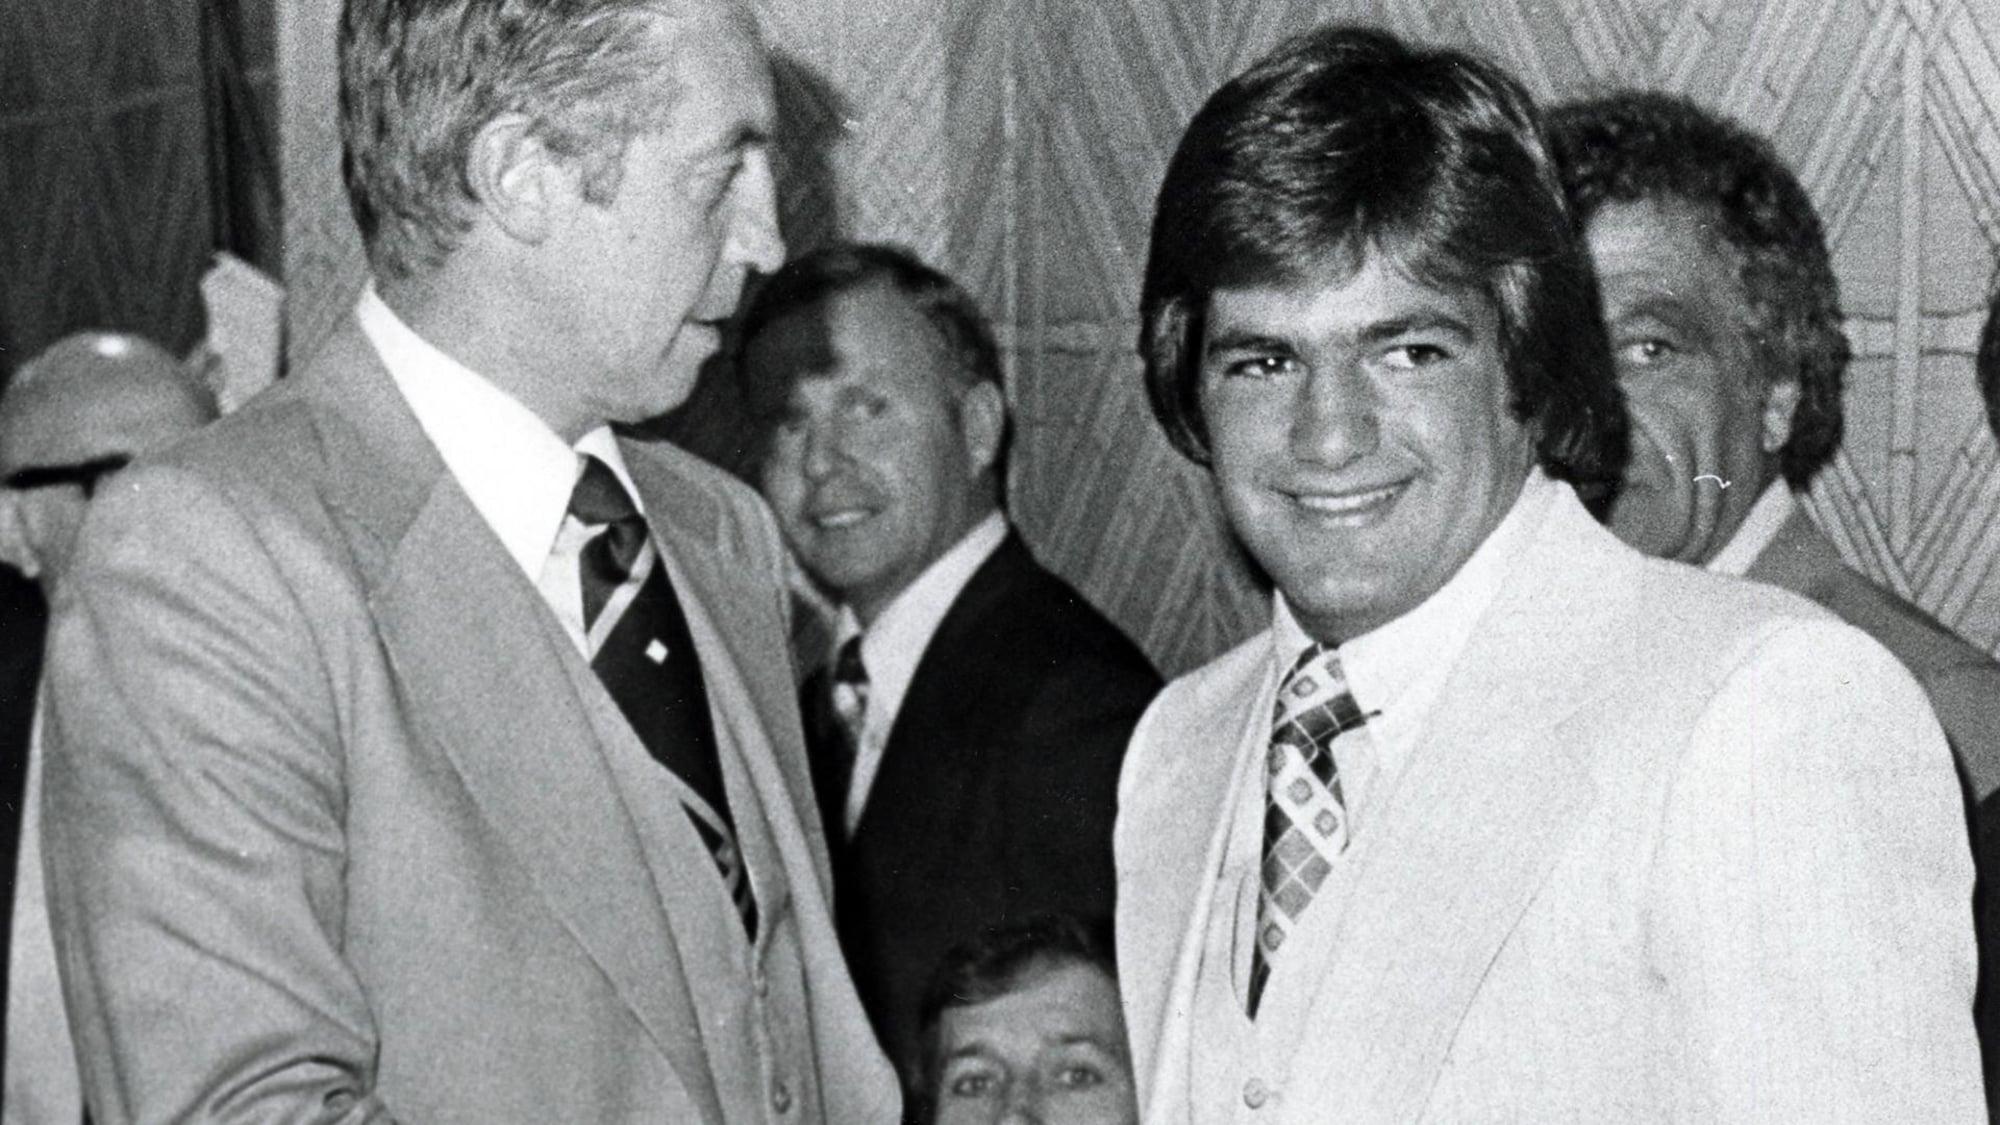 Le 15 juin 1978, Danny Geoffrion est repêché par le Canadien de Montréal. Ici, il serre la main de Jean Béliveau. Partiellement caché à droite, Bernard Geoffrion.